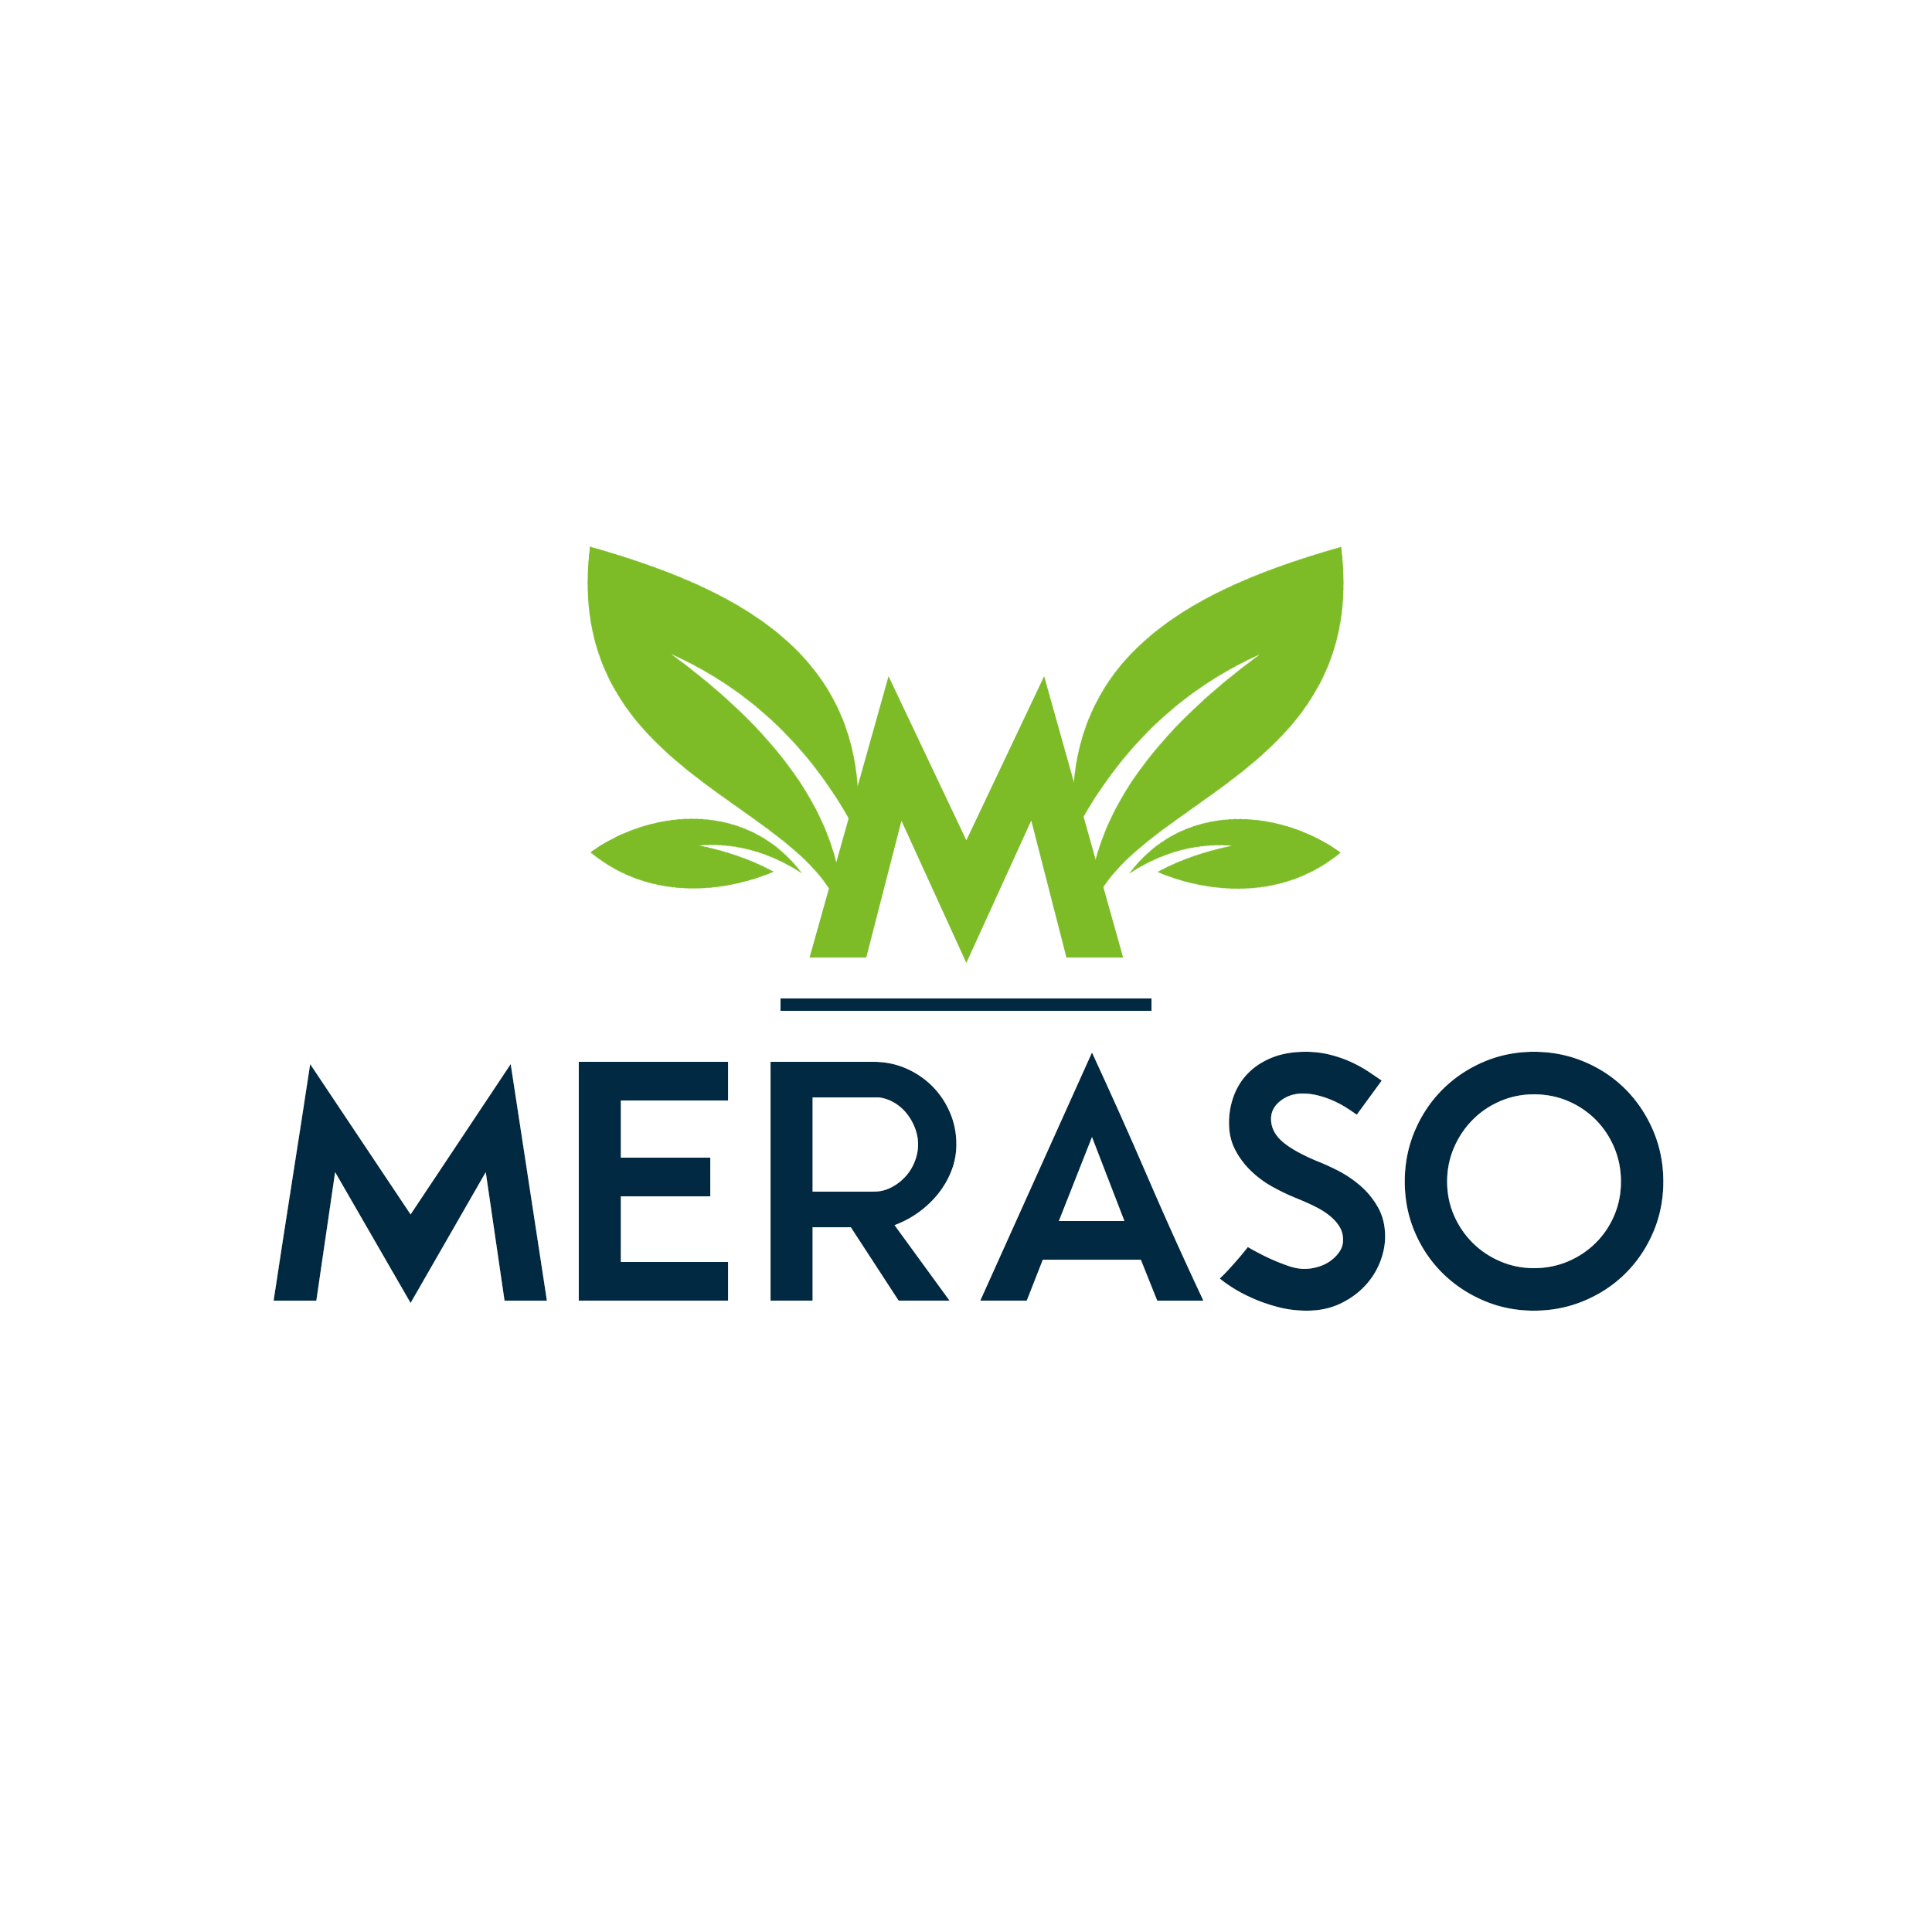 Leaf Meraso Logo Design